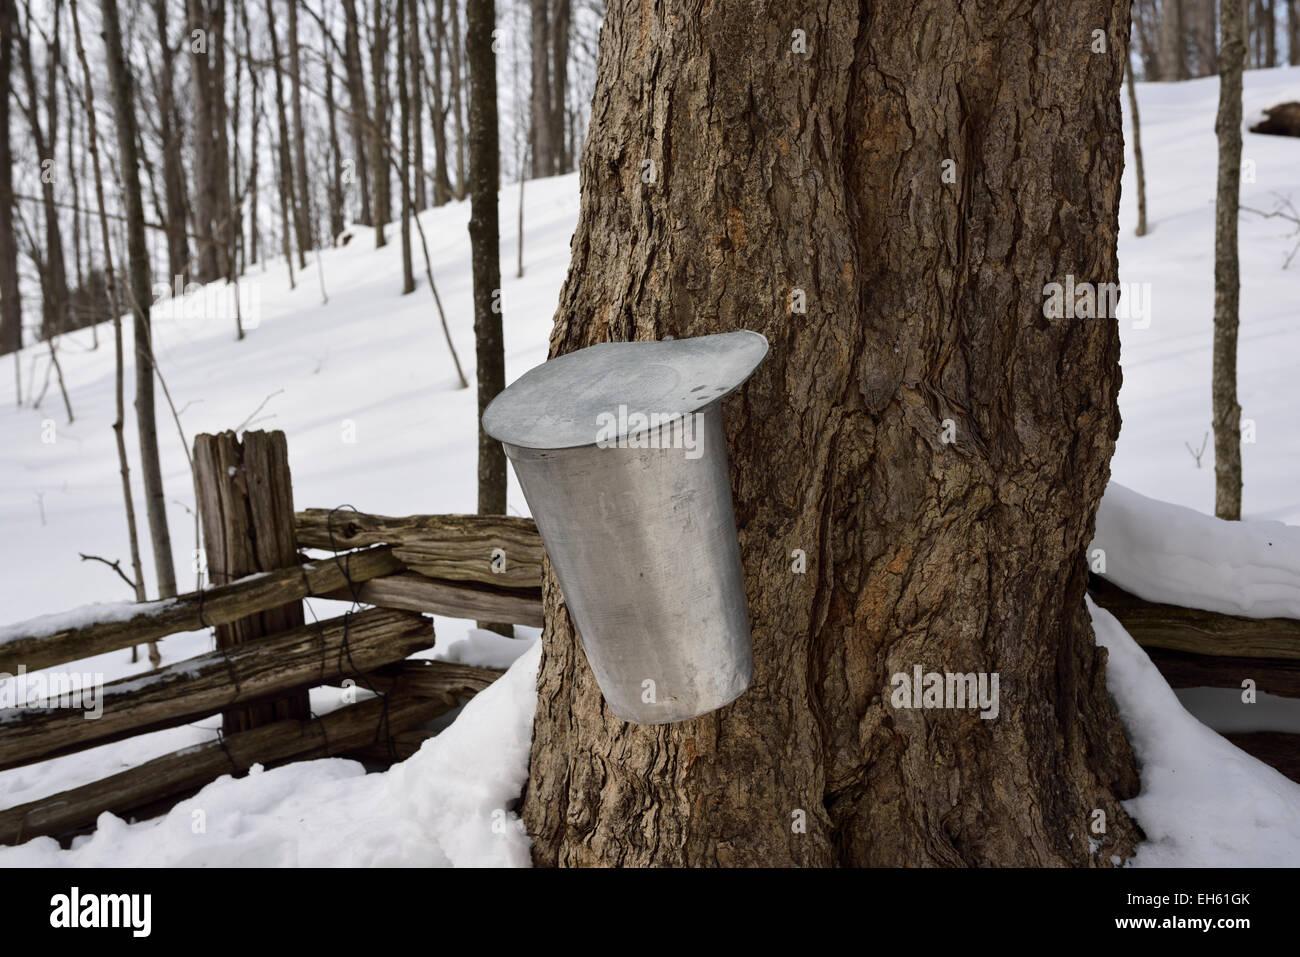 La benna sul vecchio zucchero acero in coperta di neve Ontario foresta a raccogliere sap per sciroppo in marzo in Immagini Stock